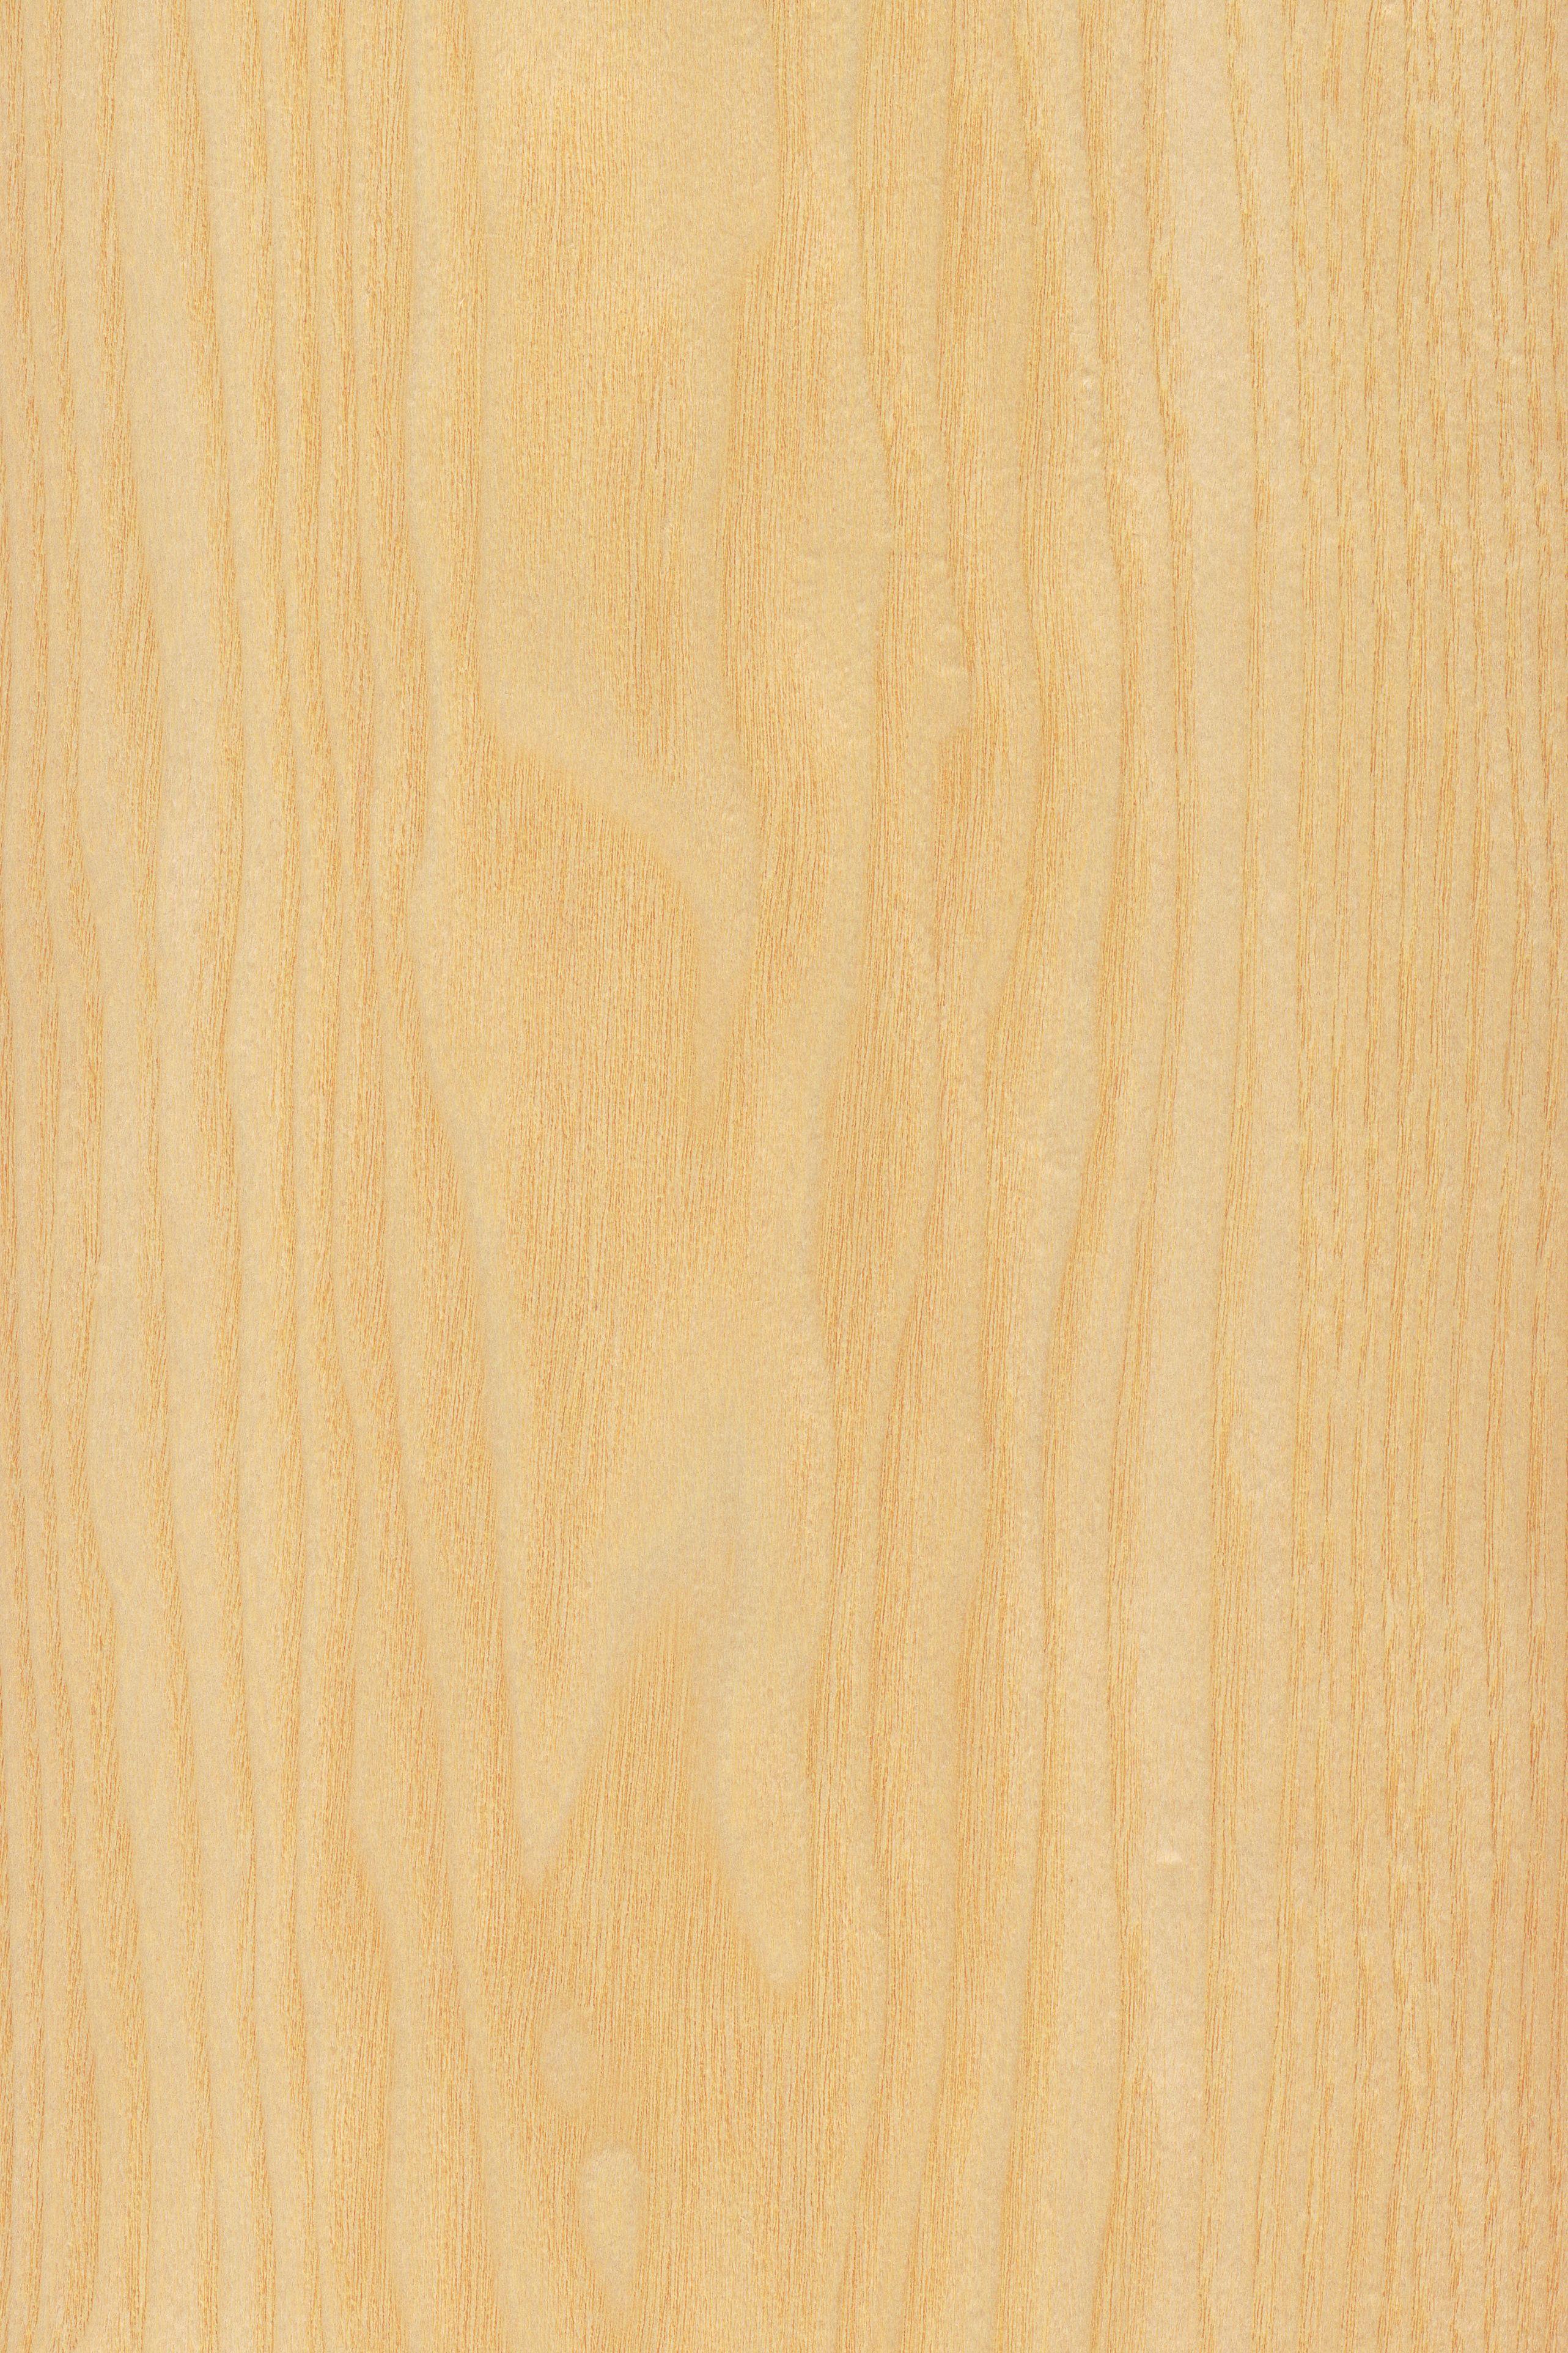 Esche   Furnier: Holzart, Esche, Blatt, hell, Laubholz #Holzarten #Furniere #Holz